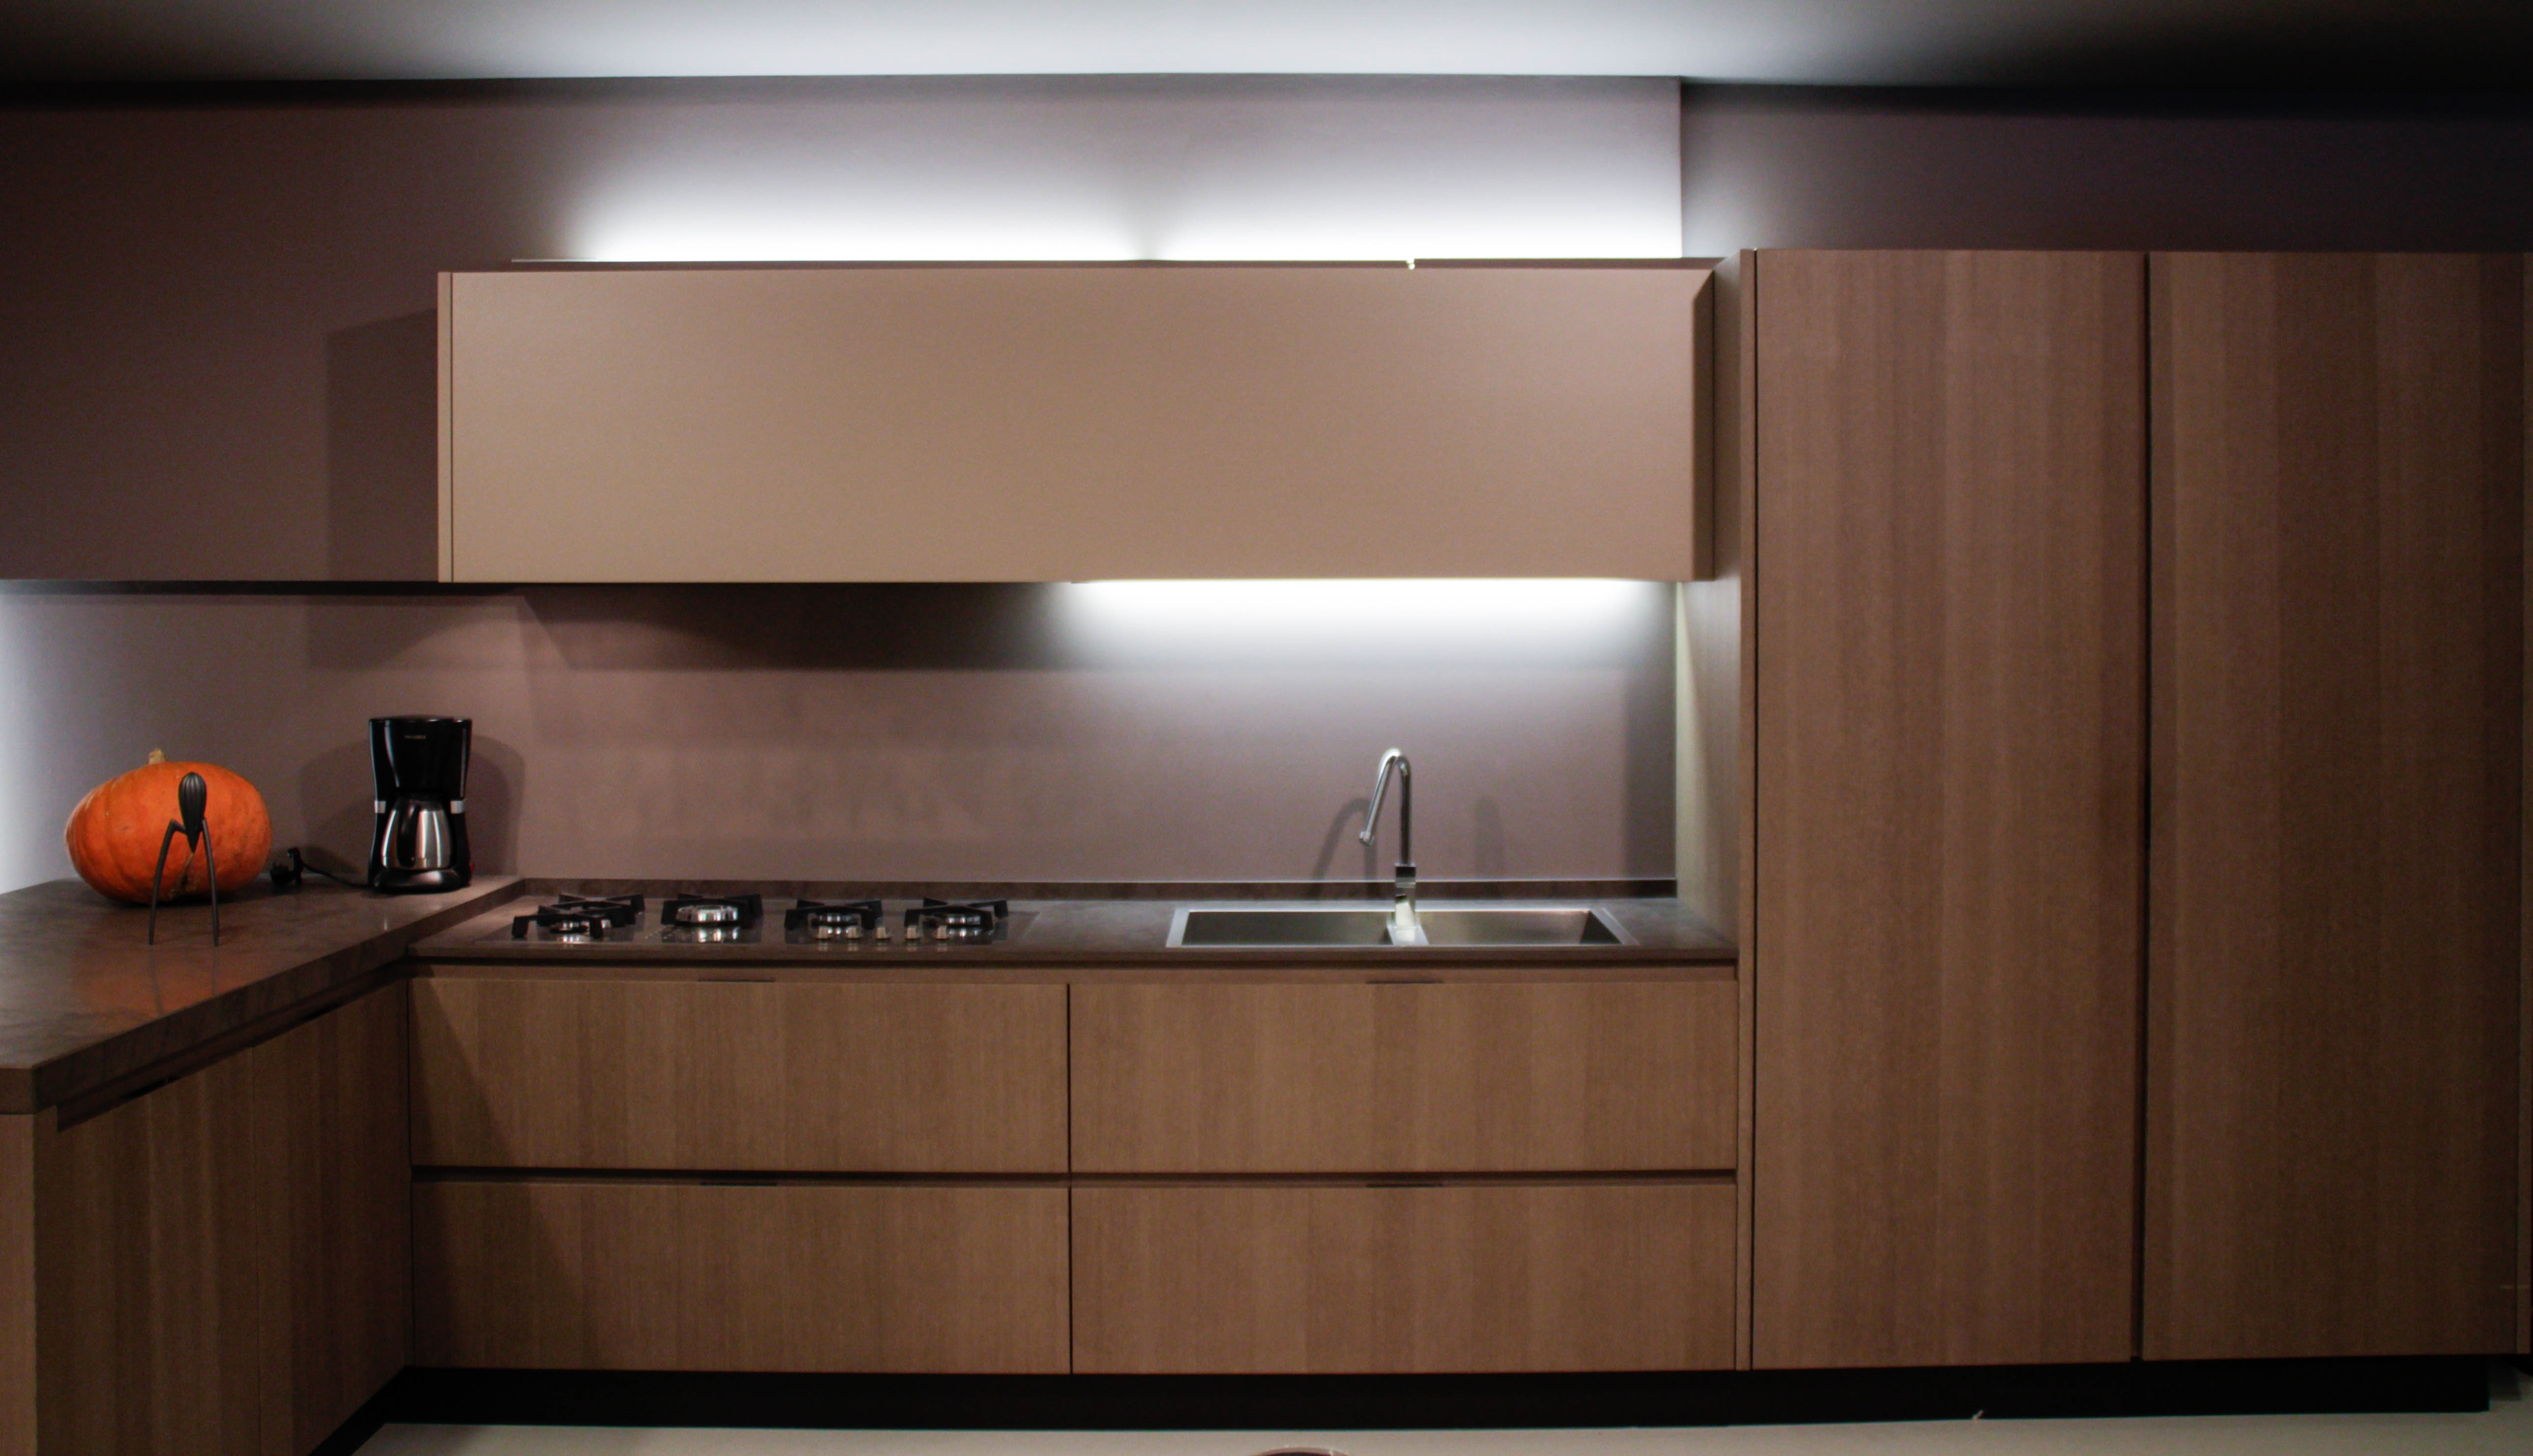 Cucine On Line. Fabulous Per Cucine X With Cucine On Line. Cucina ...